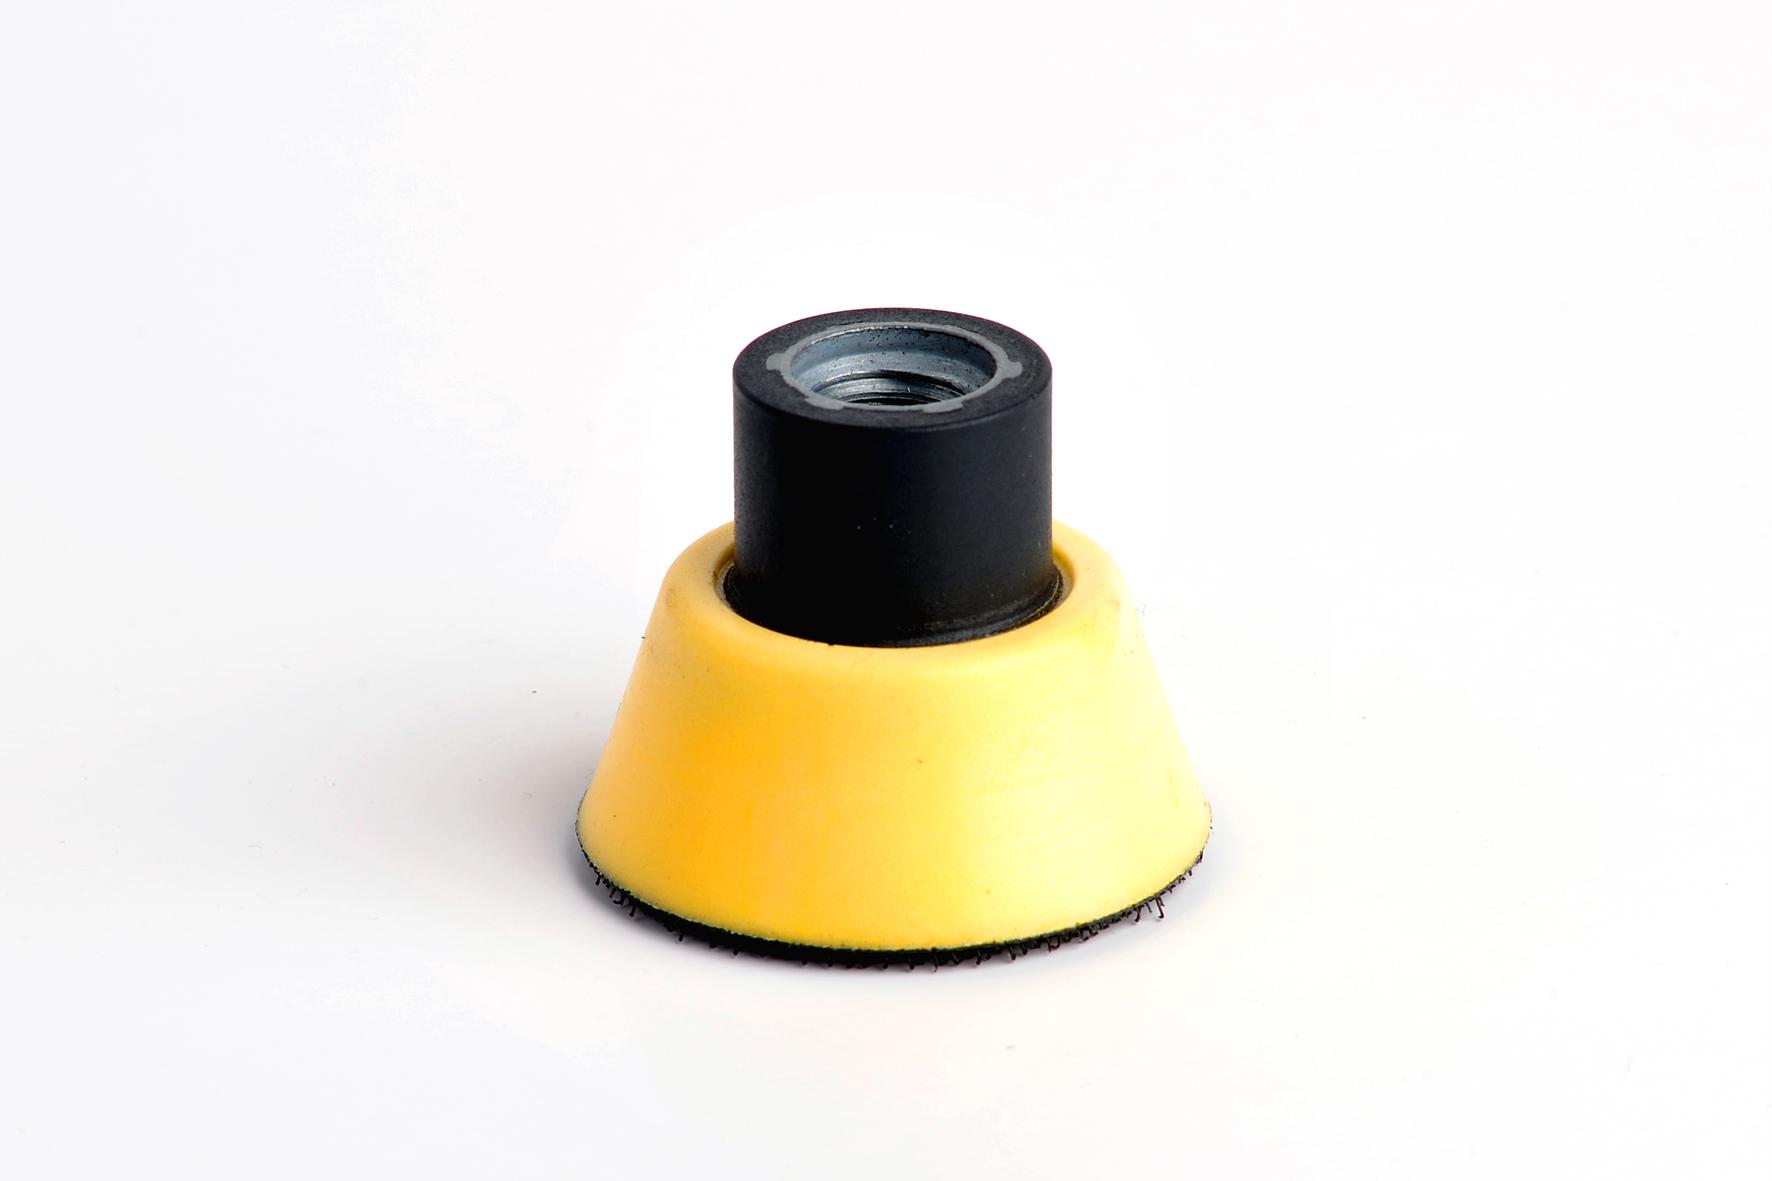 Głowice polerskie - uchwyt mocujący mocowanie do szlifierki 7bd3437d1b7